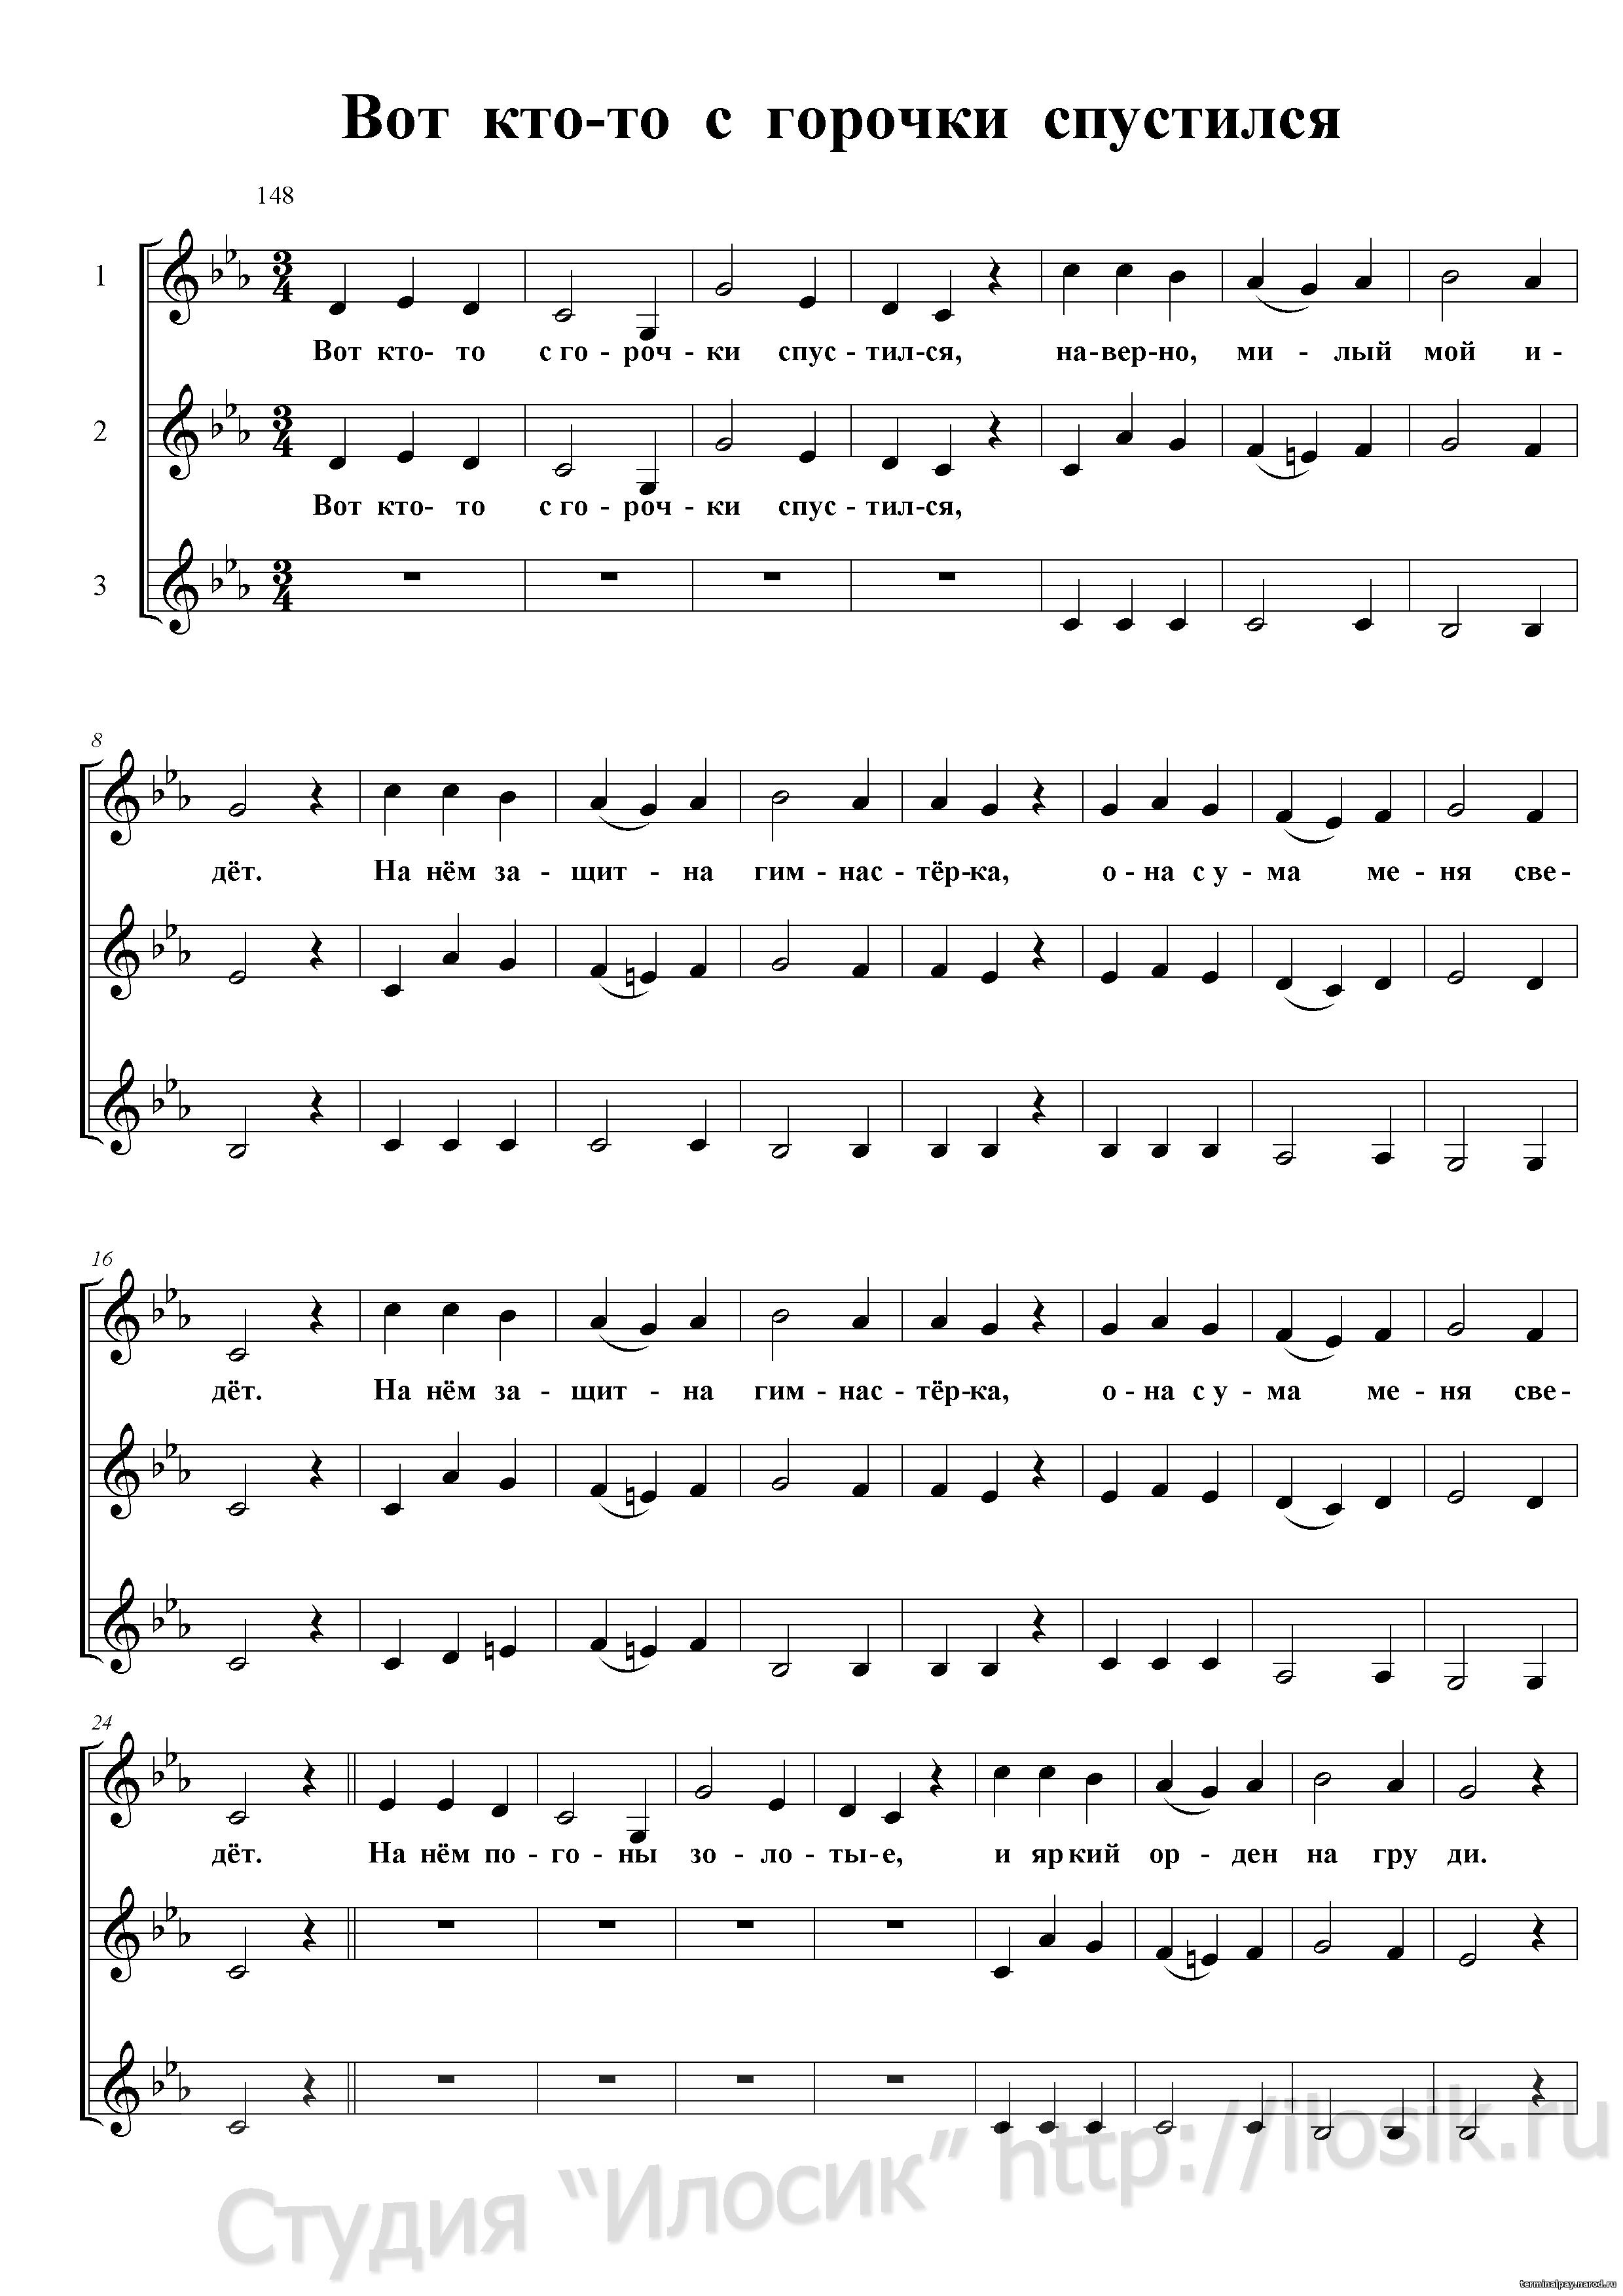 ПЕСНЯ ВОТ КТО-ТО С ГОРОЧКИ СПУСТИЛСЯ СКАЧАТЬ БЕСПЛАТНО